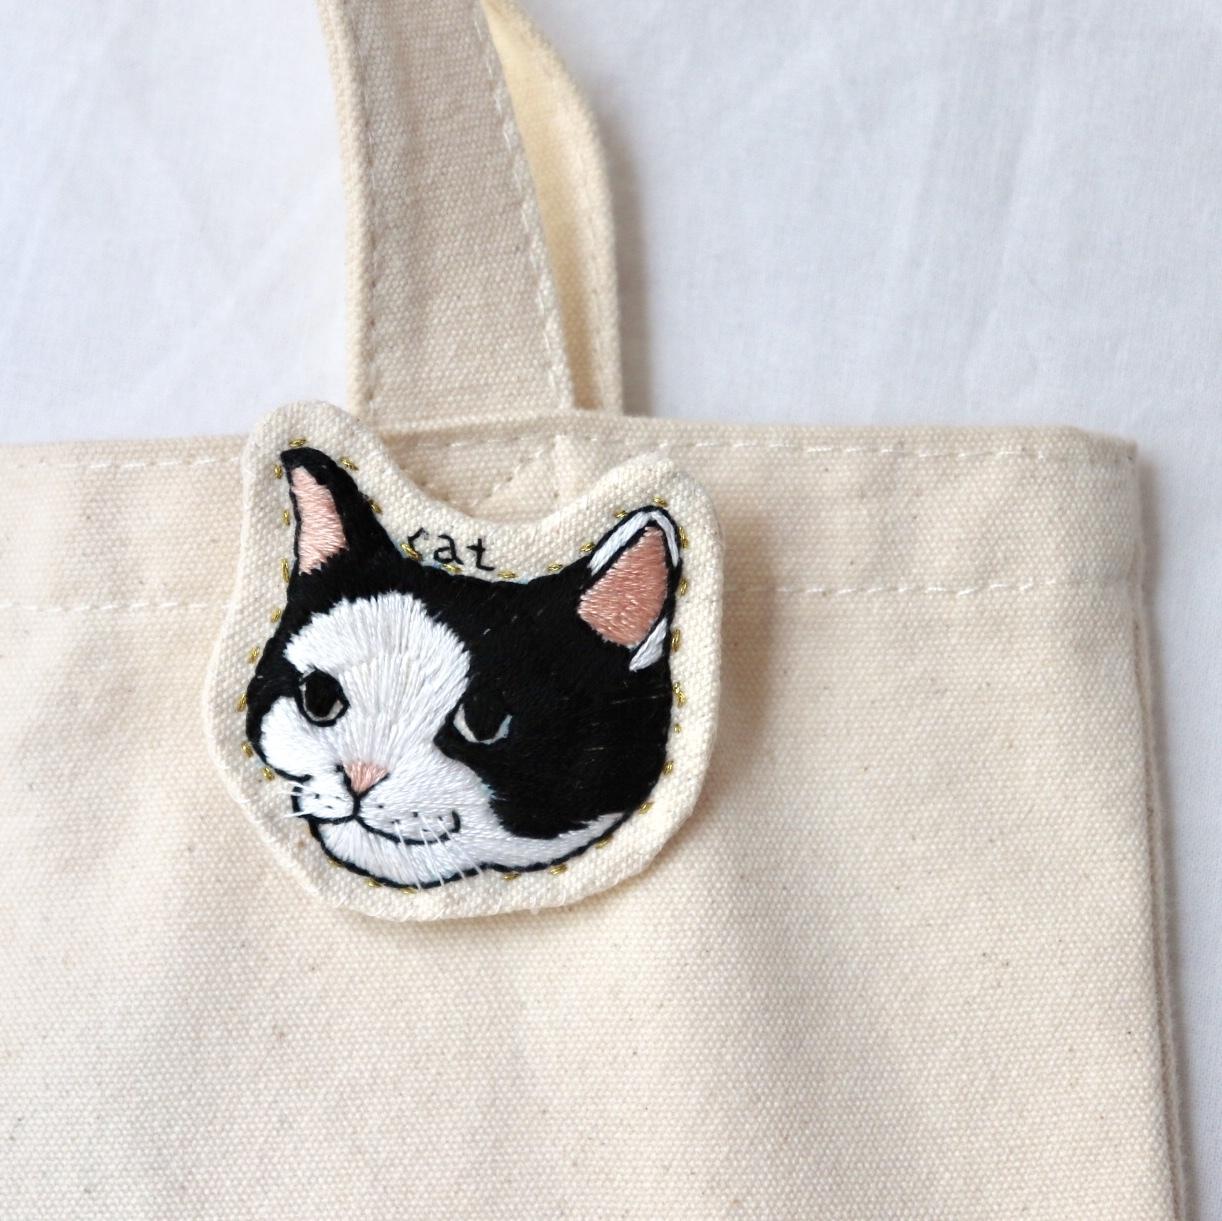 ハチワレ猫のハンドメイド刺繍ブローチ